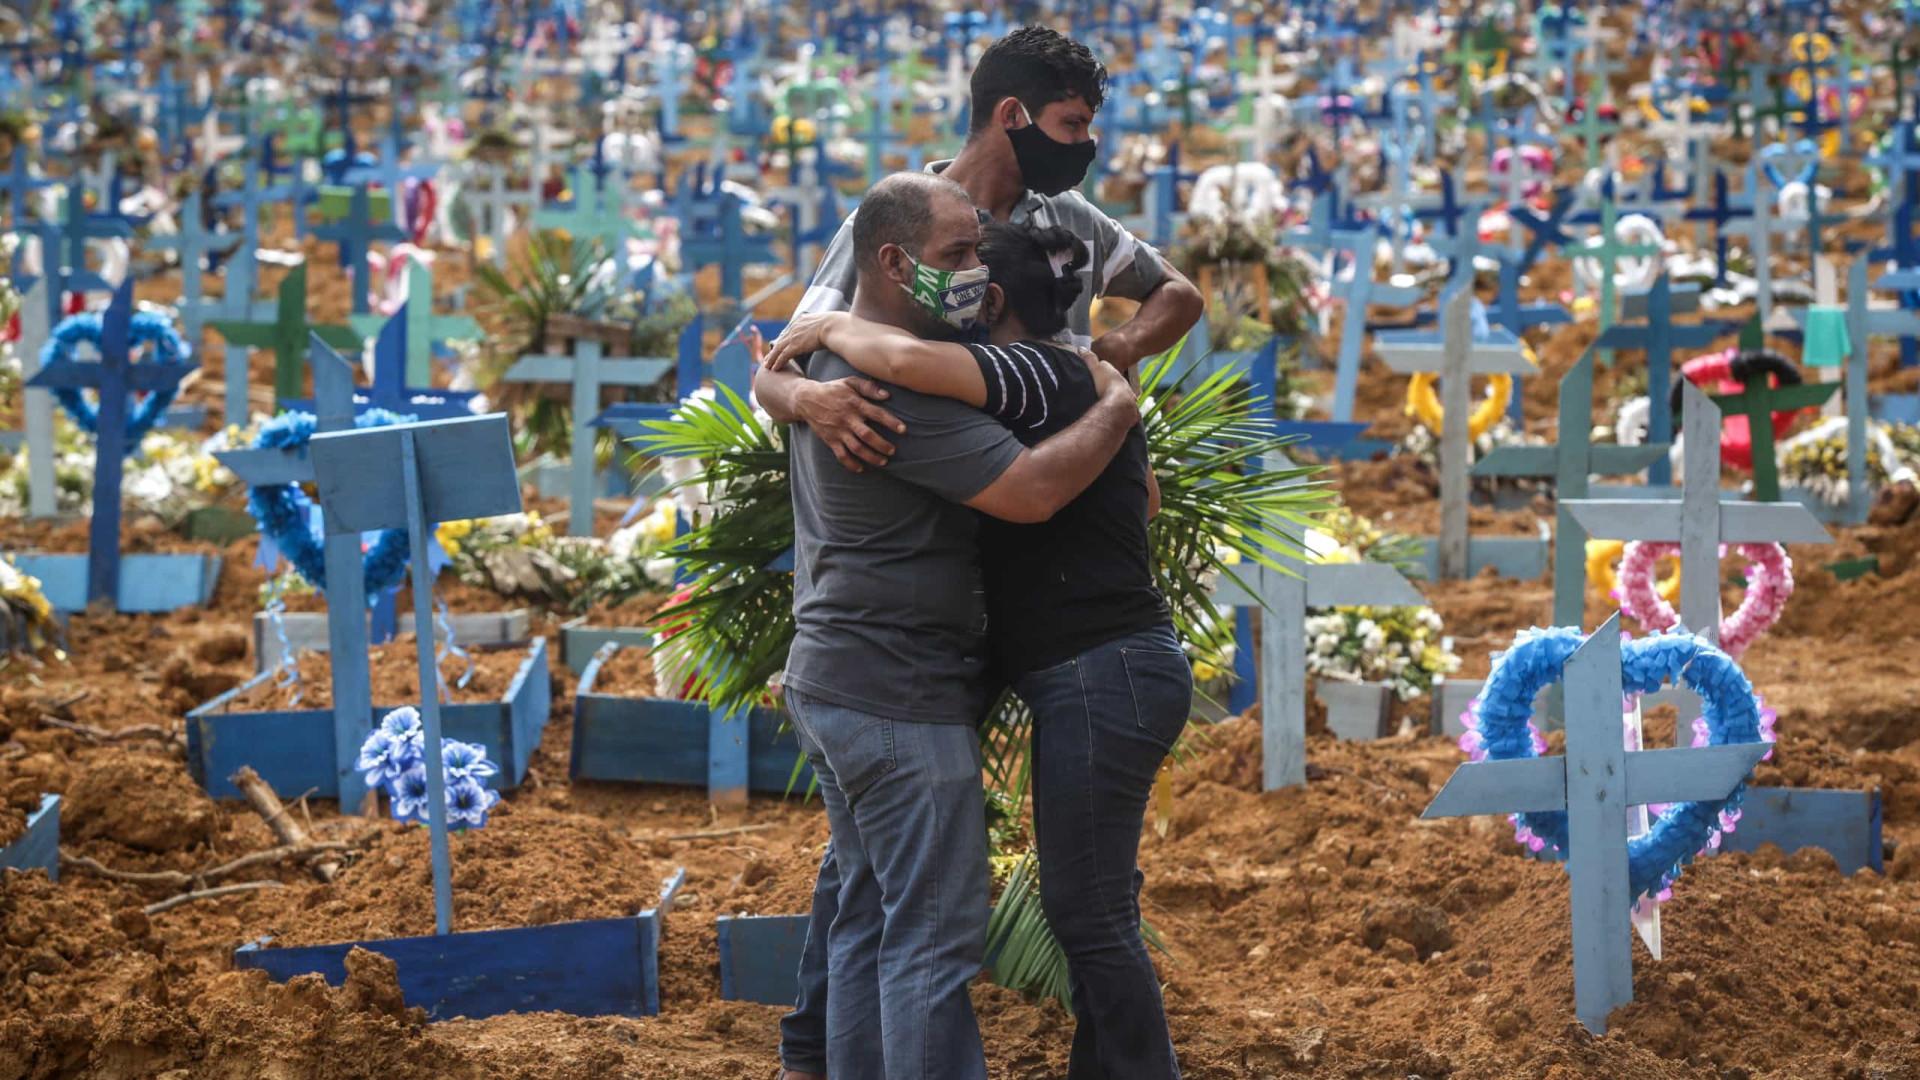 Brasil registra mais 3.163 mortes por Covid-19 em 24h